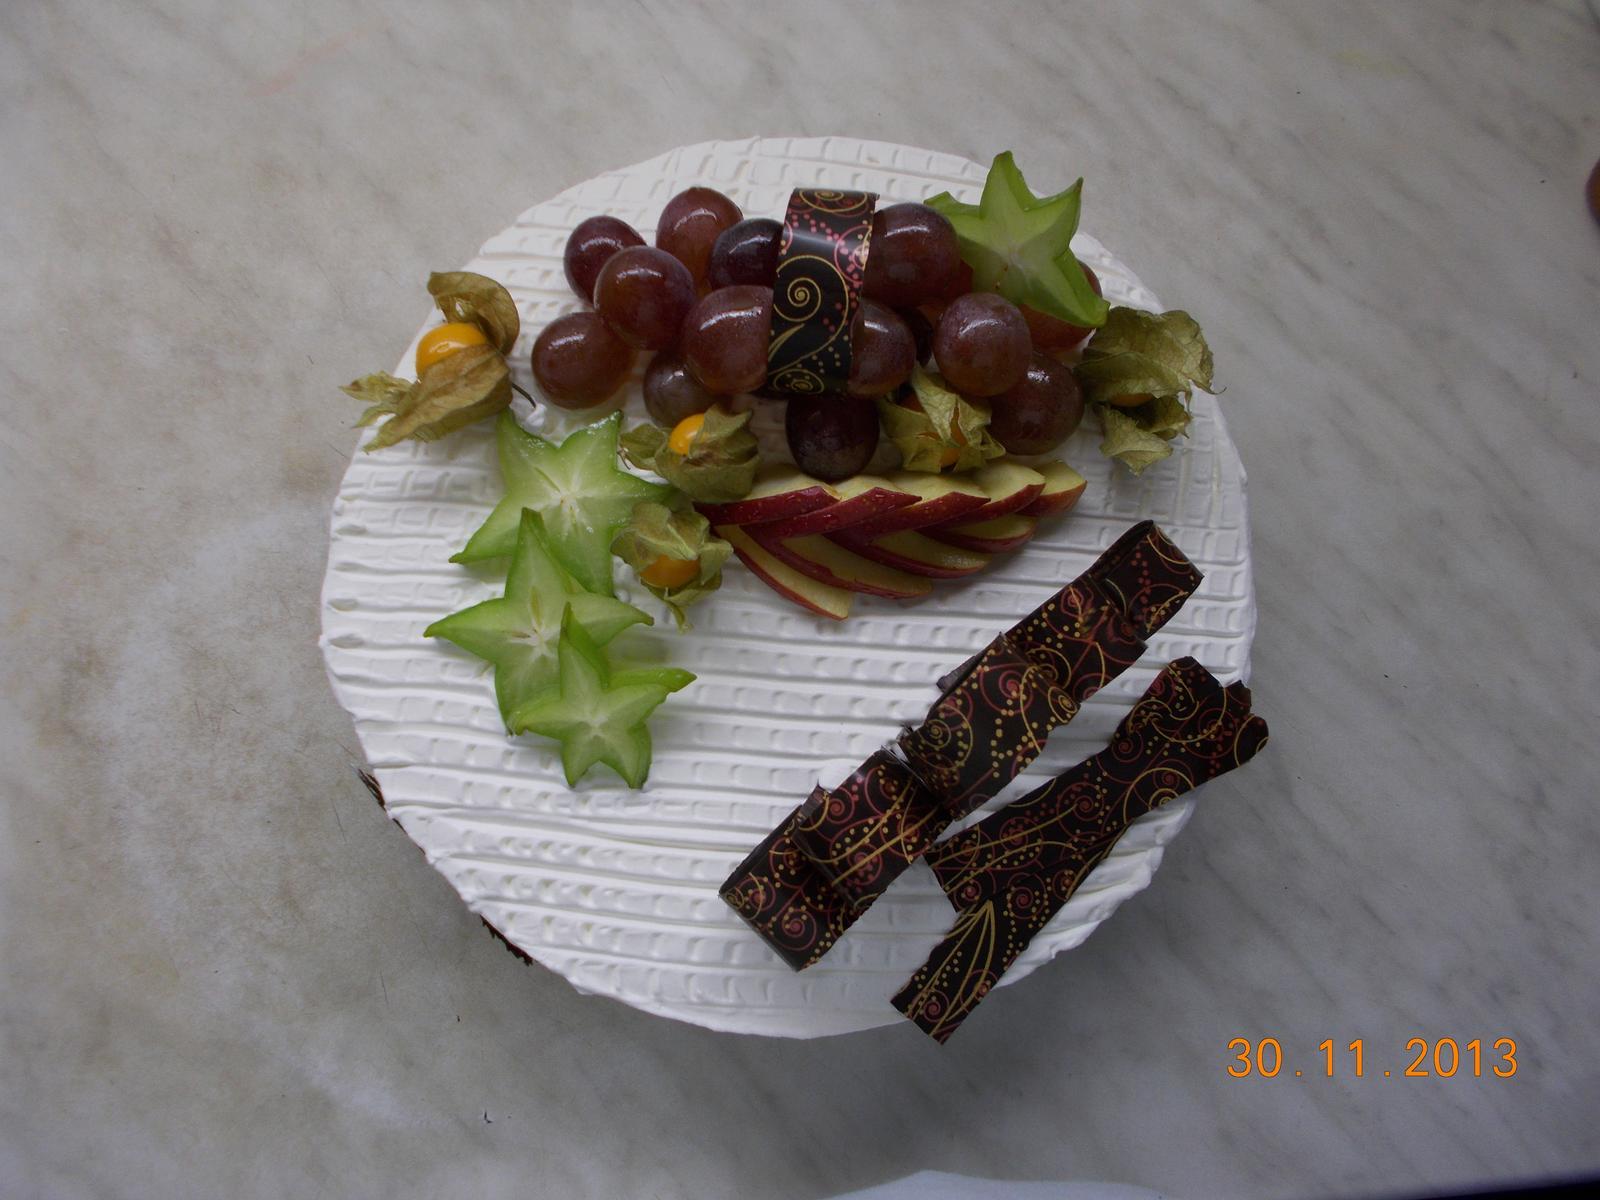 Pečení,vaření,grilování.....je libo něco dobrého do bříška ................ - Narozeninový dortík